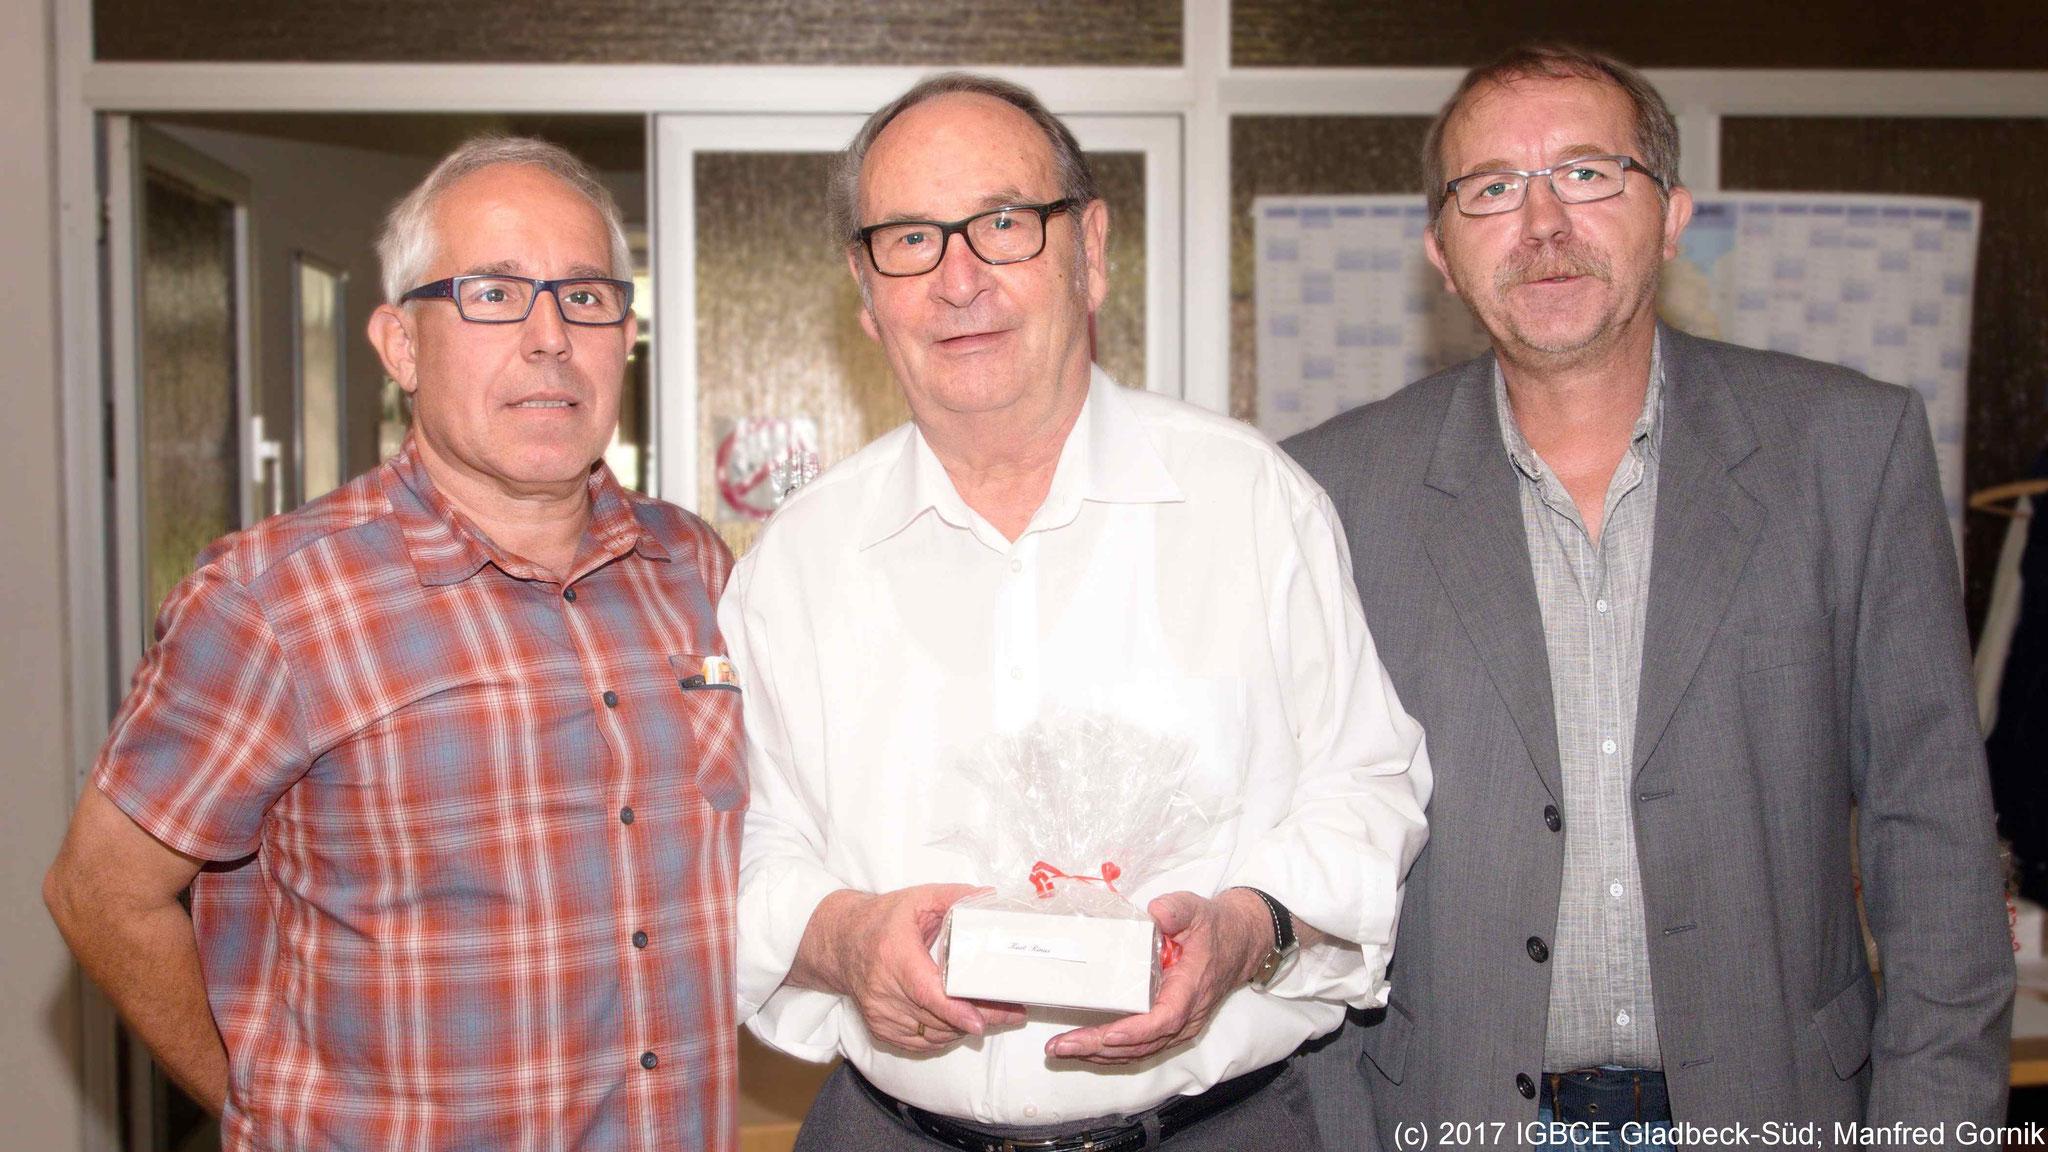 Von links : Wolfgang Sobottka; Kurt Rinus ( 70 Jahre), Joachim Praetsch (1 Vorsitzender Ortsgruppe Gladbeck-Süd)